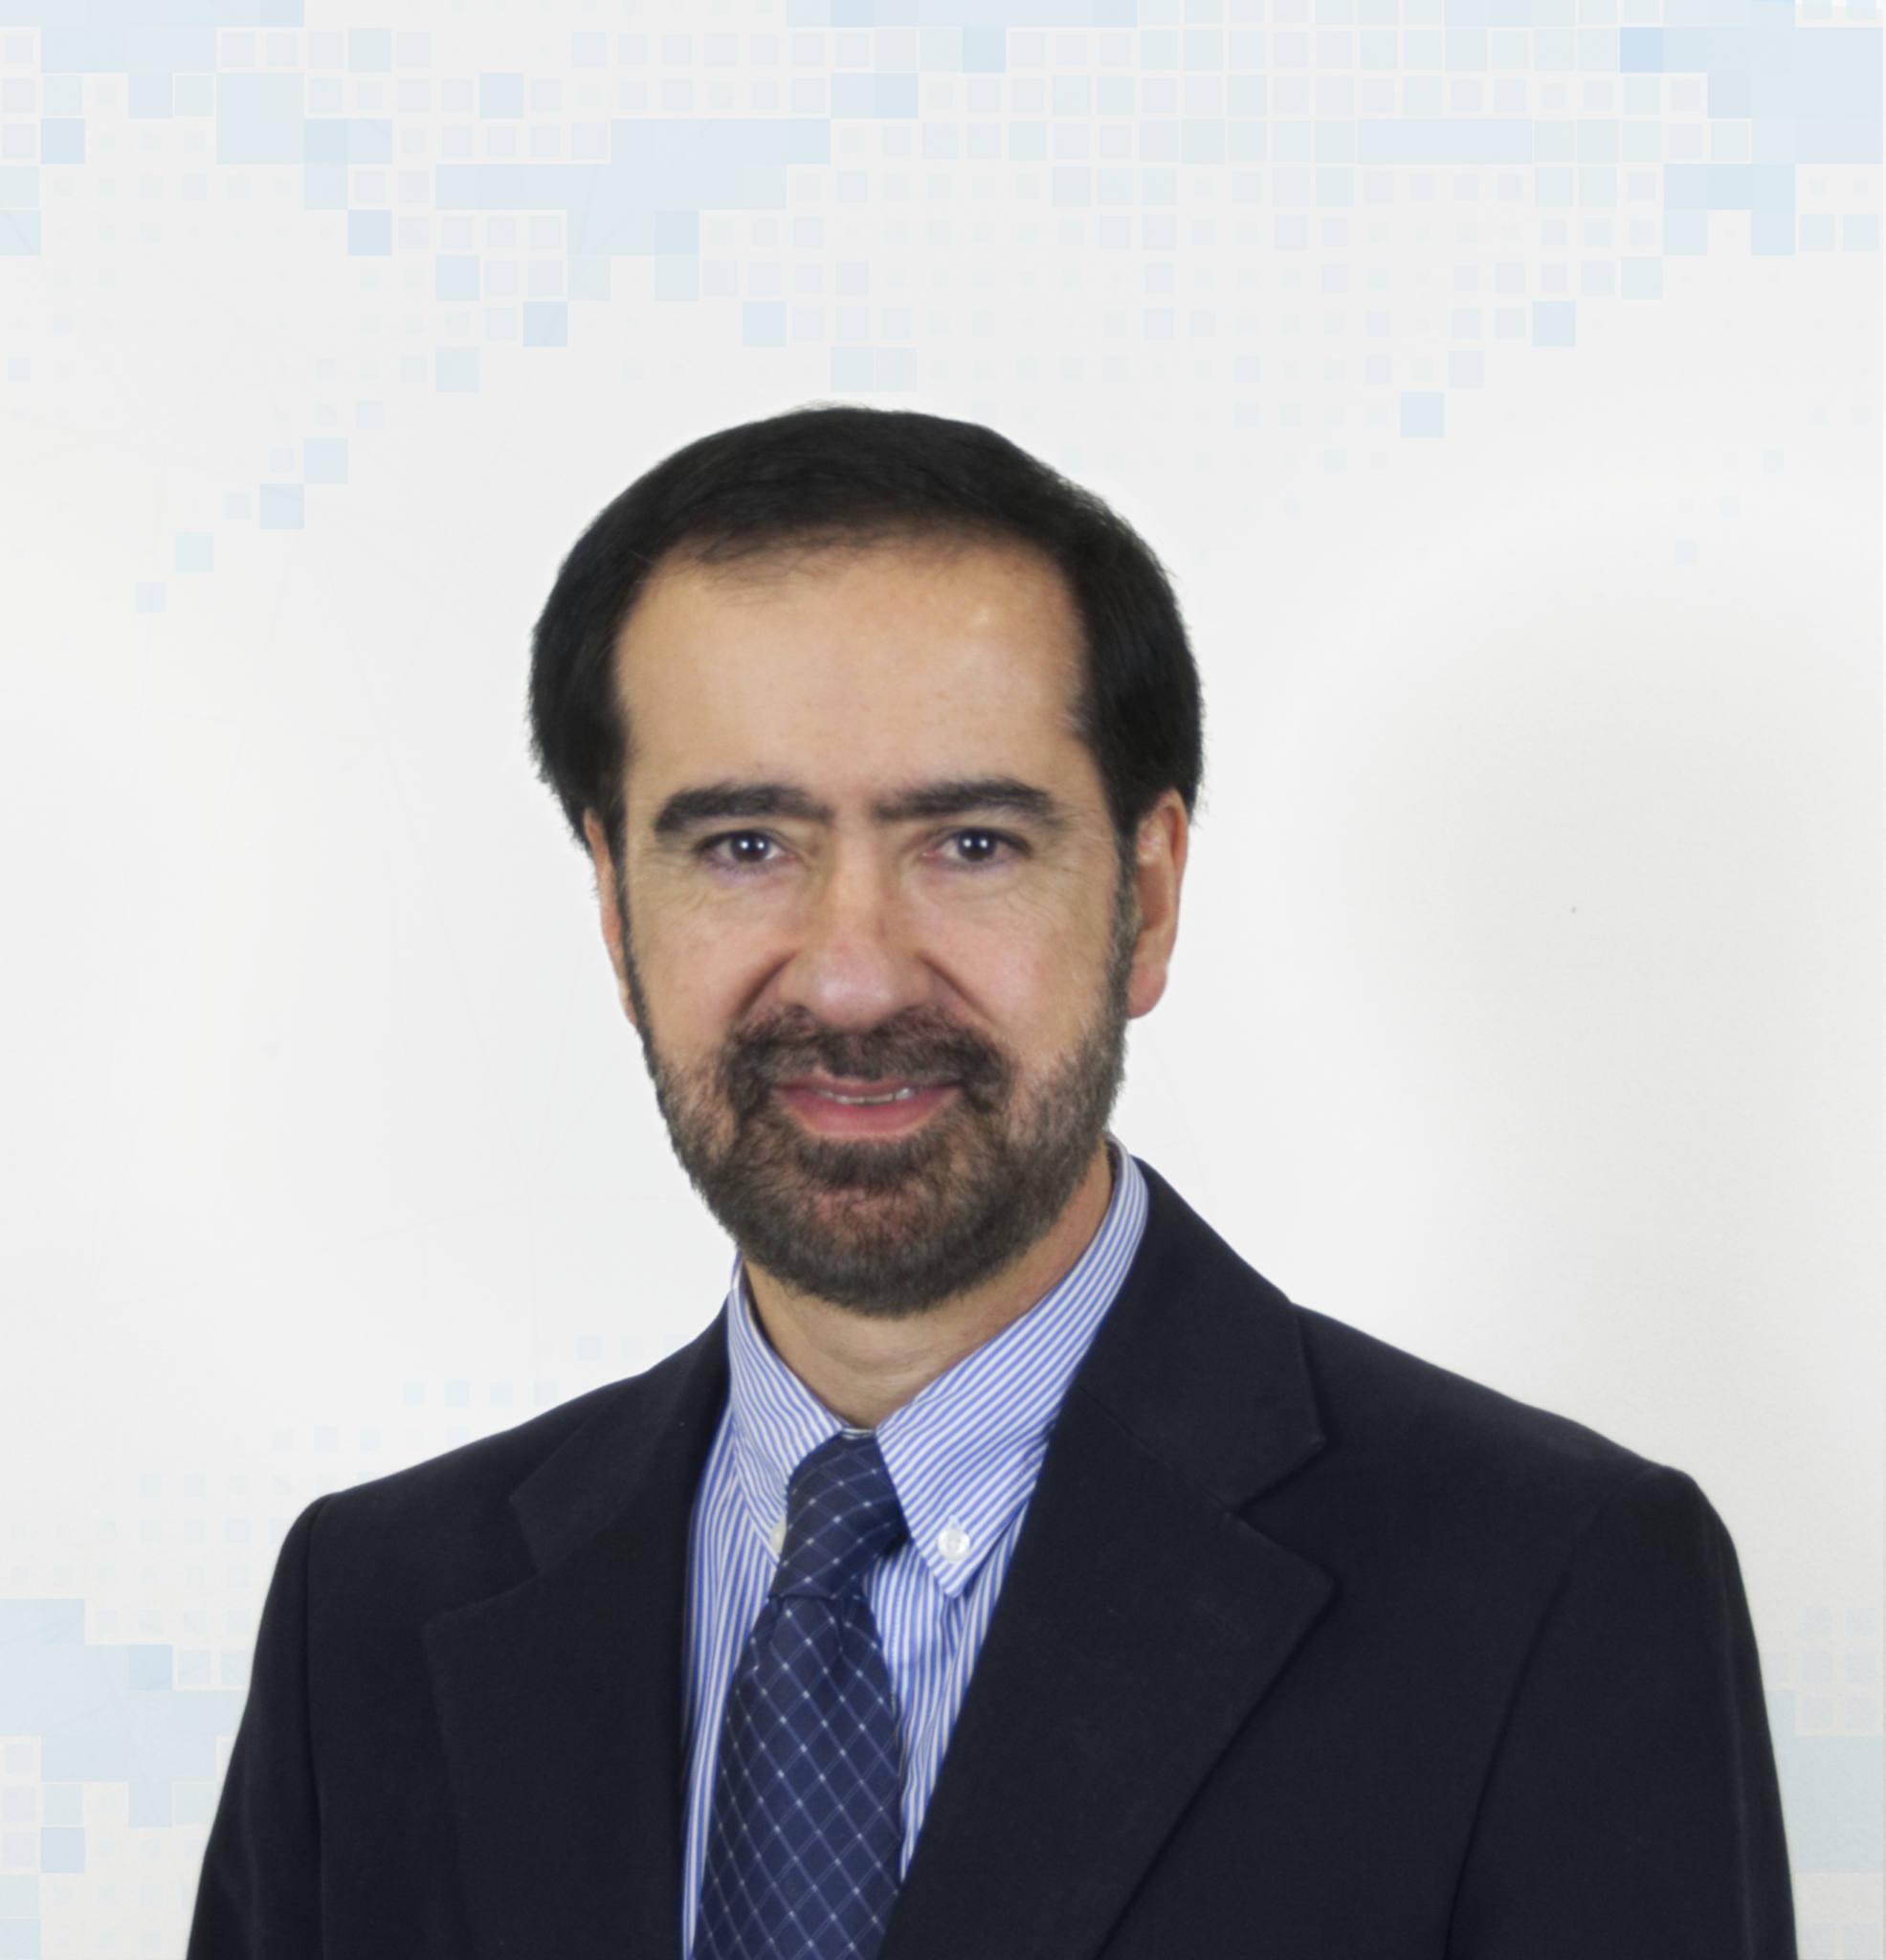 Raúl Medina